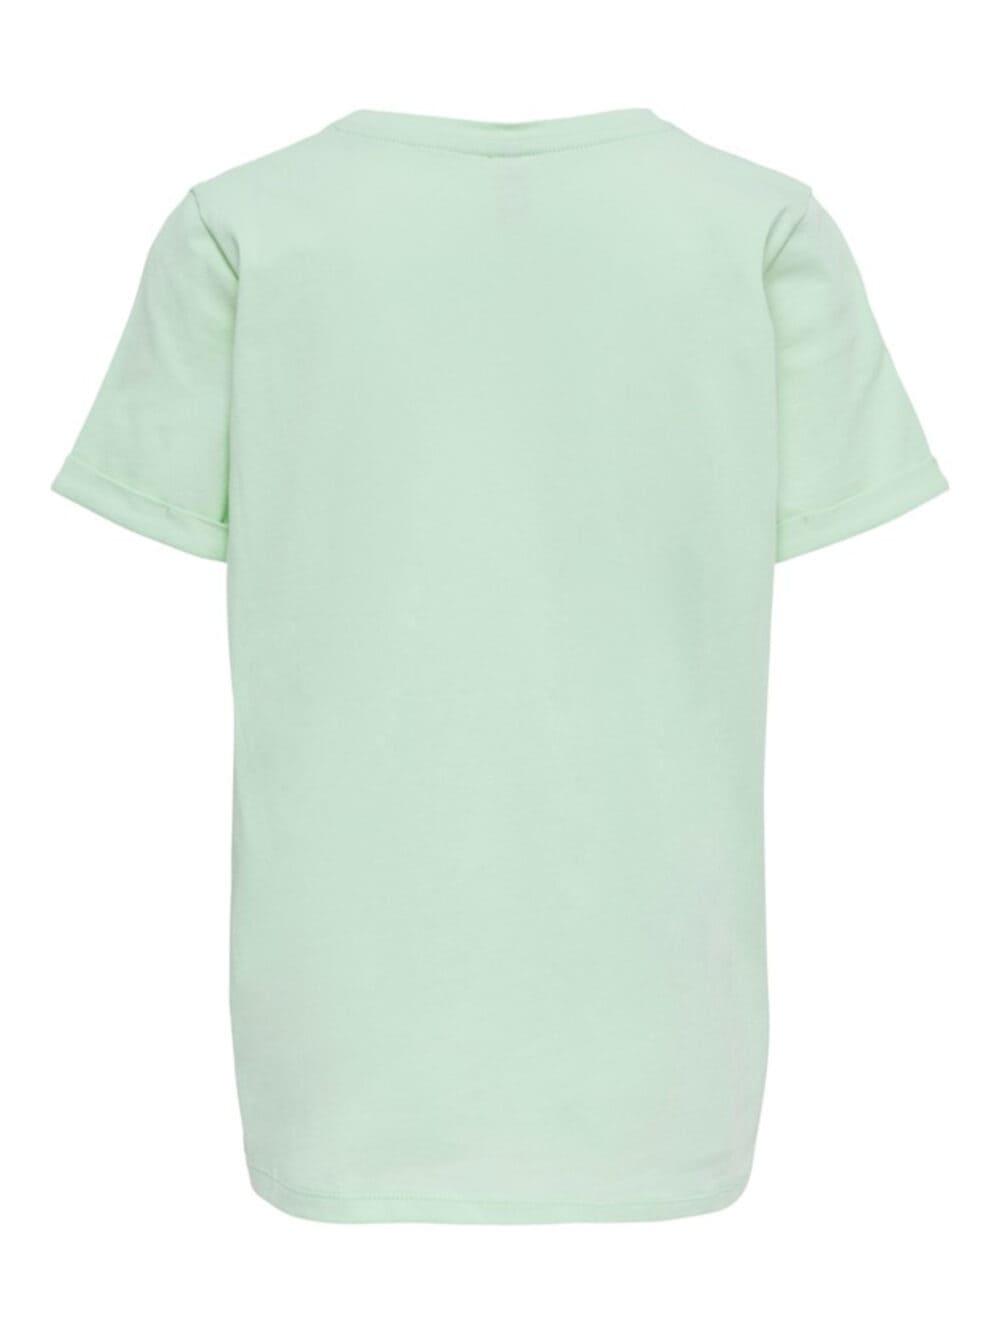 Kids Only Konnaomi T-shirt Brook Green